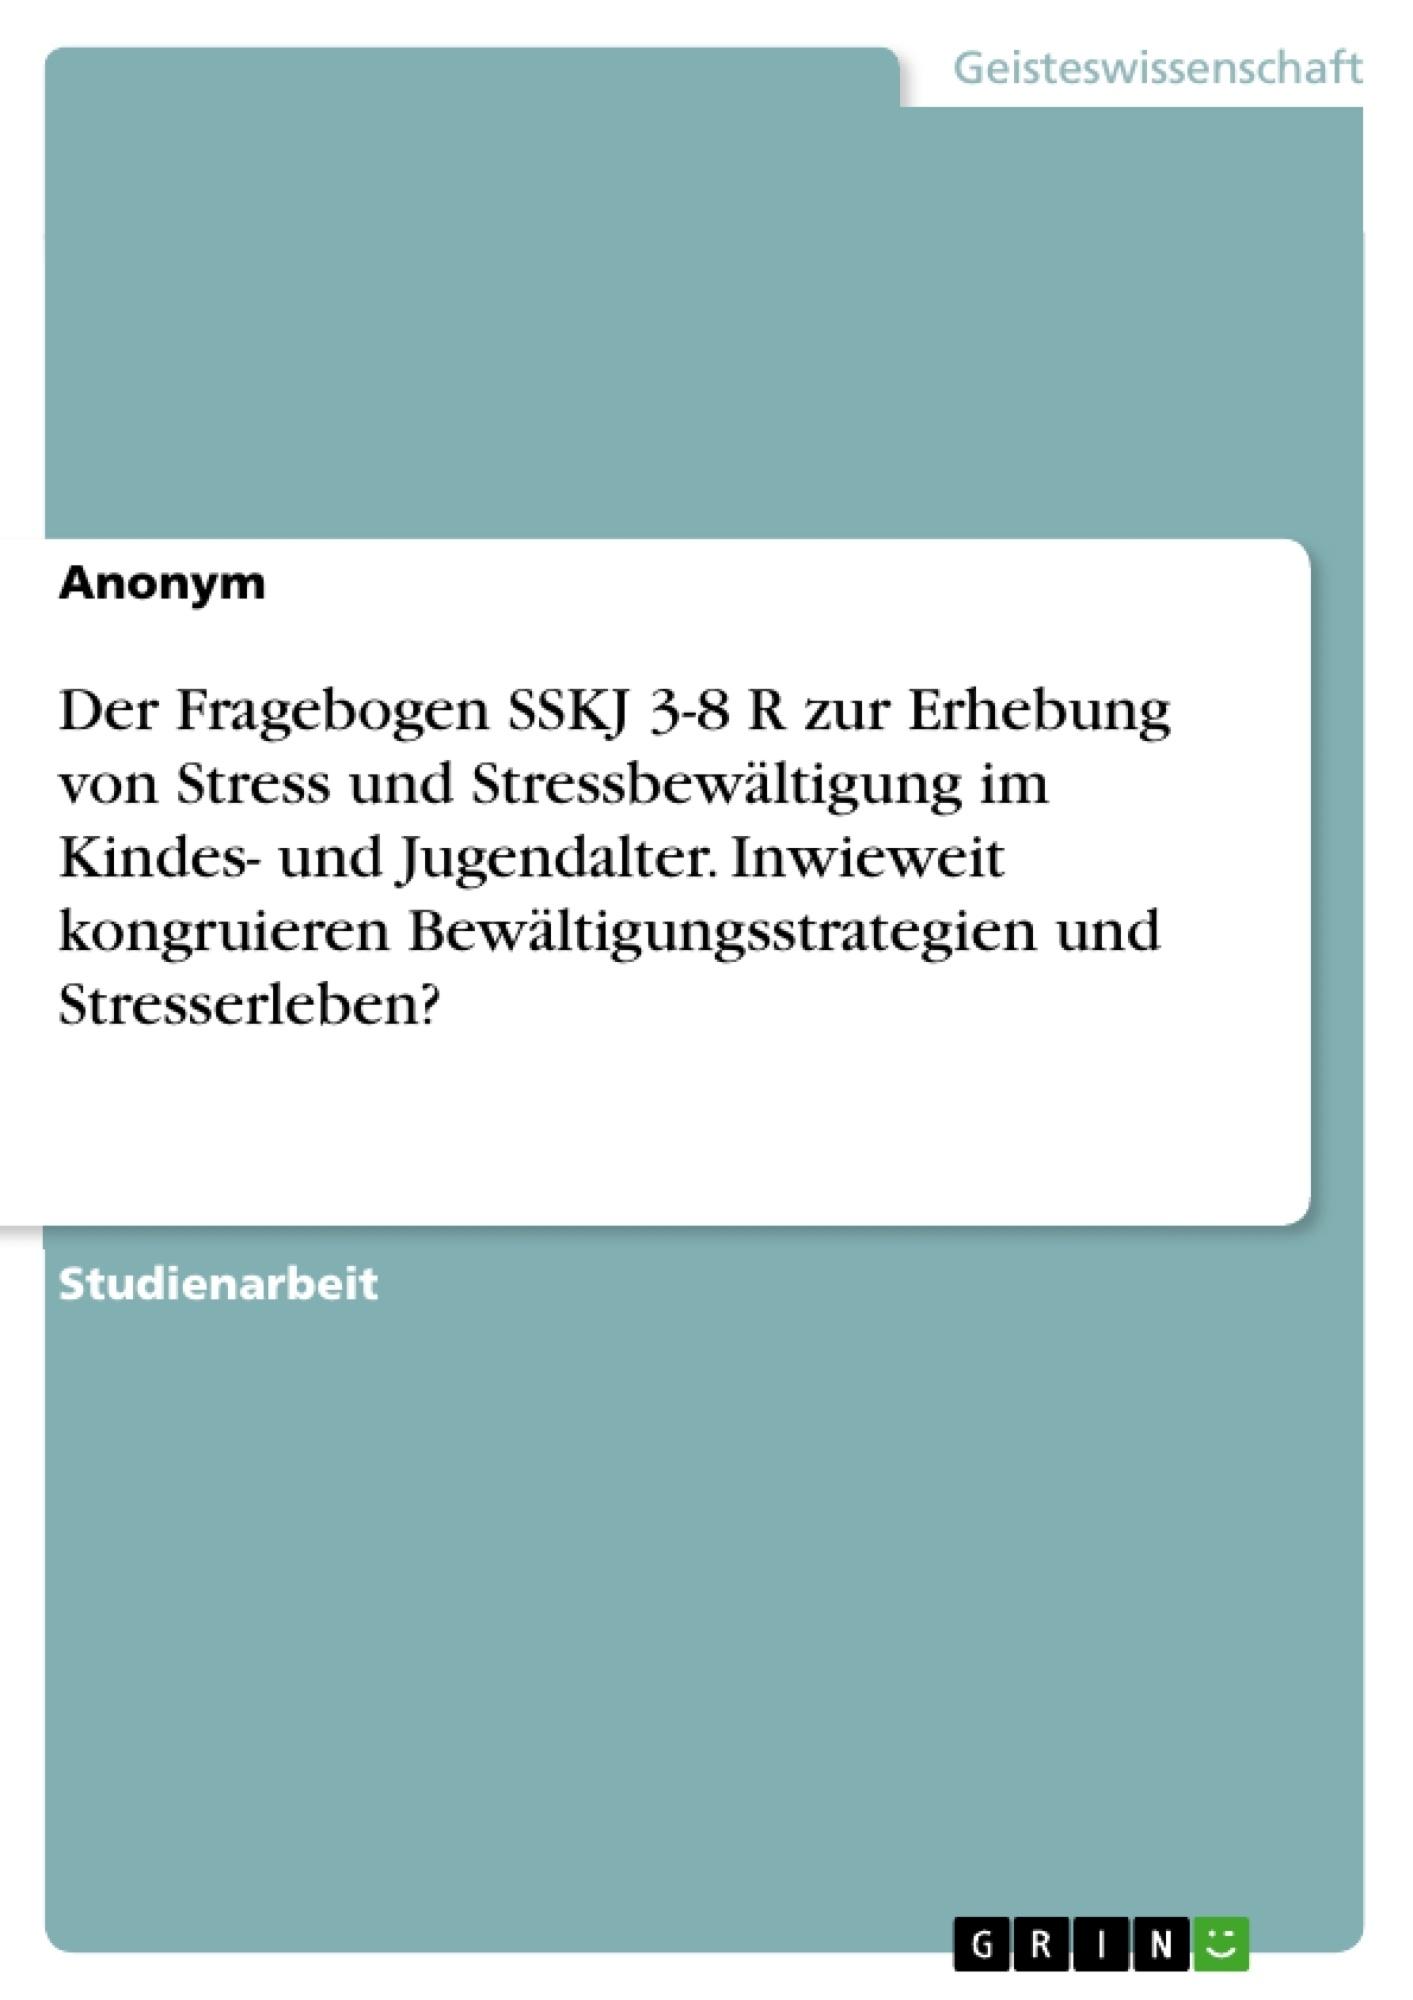 Titel: Der Fragebogen SSKJ 3-8 R zur Erhebung von Stress und Stressbewältigung im Kindes- und Jugendalter. Inwieweit kongruieren Bewältigungsstrategien und Stresserleben?